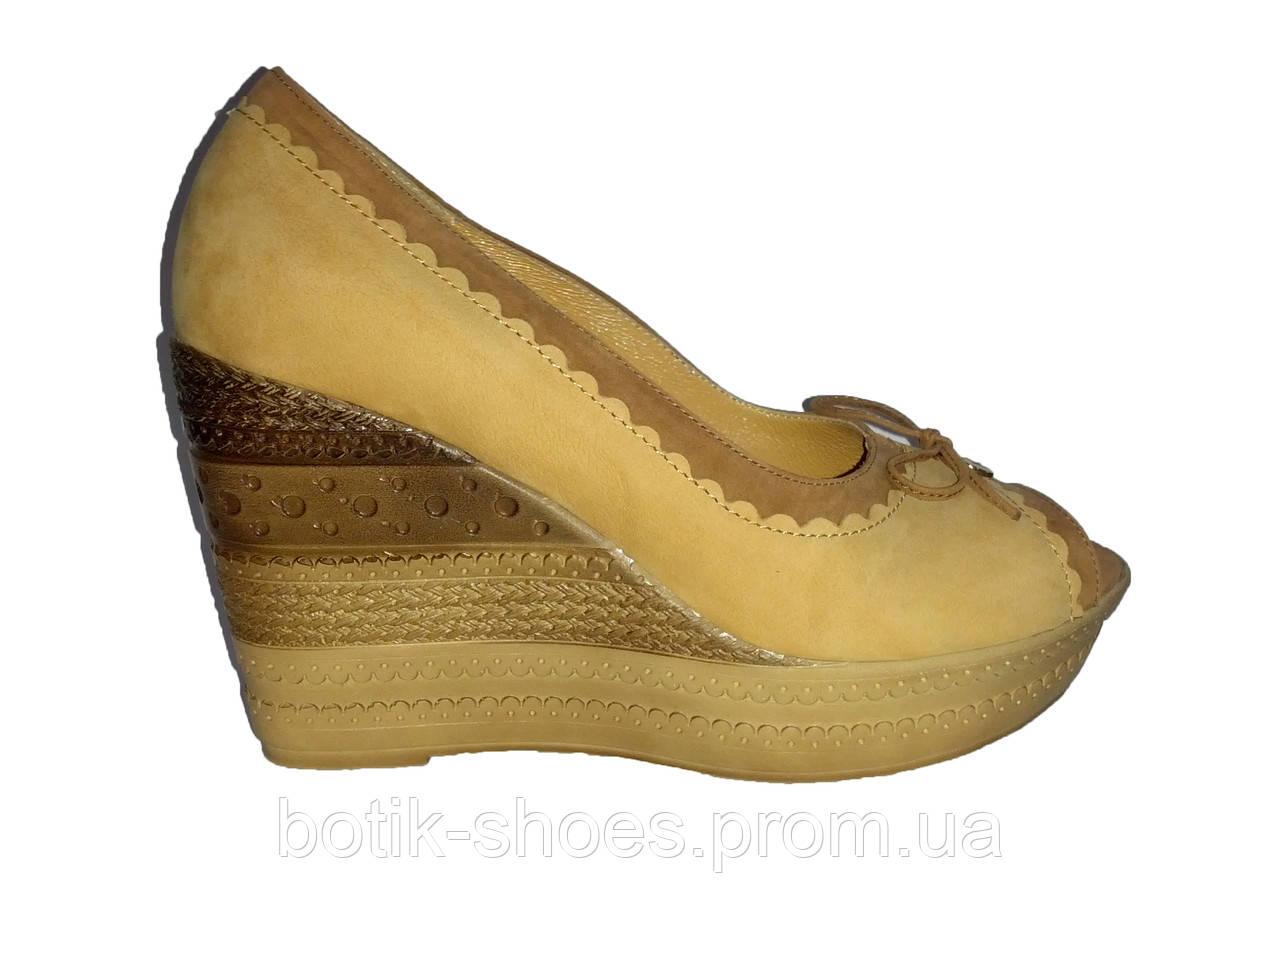 6c3d78b63f081 Кожаные польские женские туфли на танкетке с открытым носком Kordel 4516 -  интернет-магазин обуви